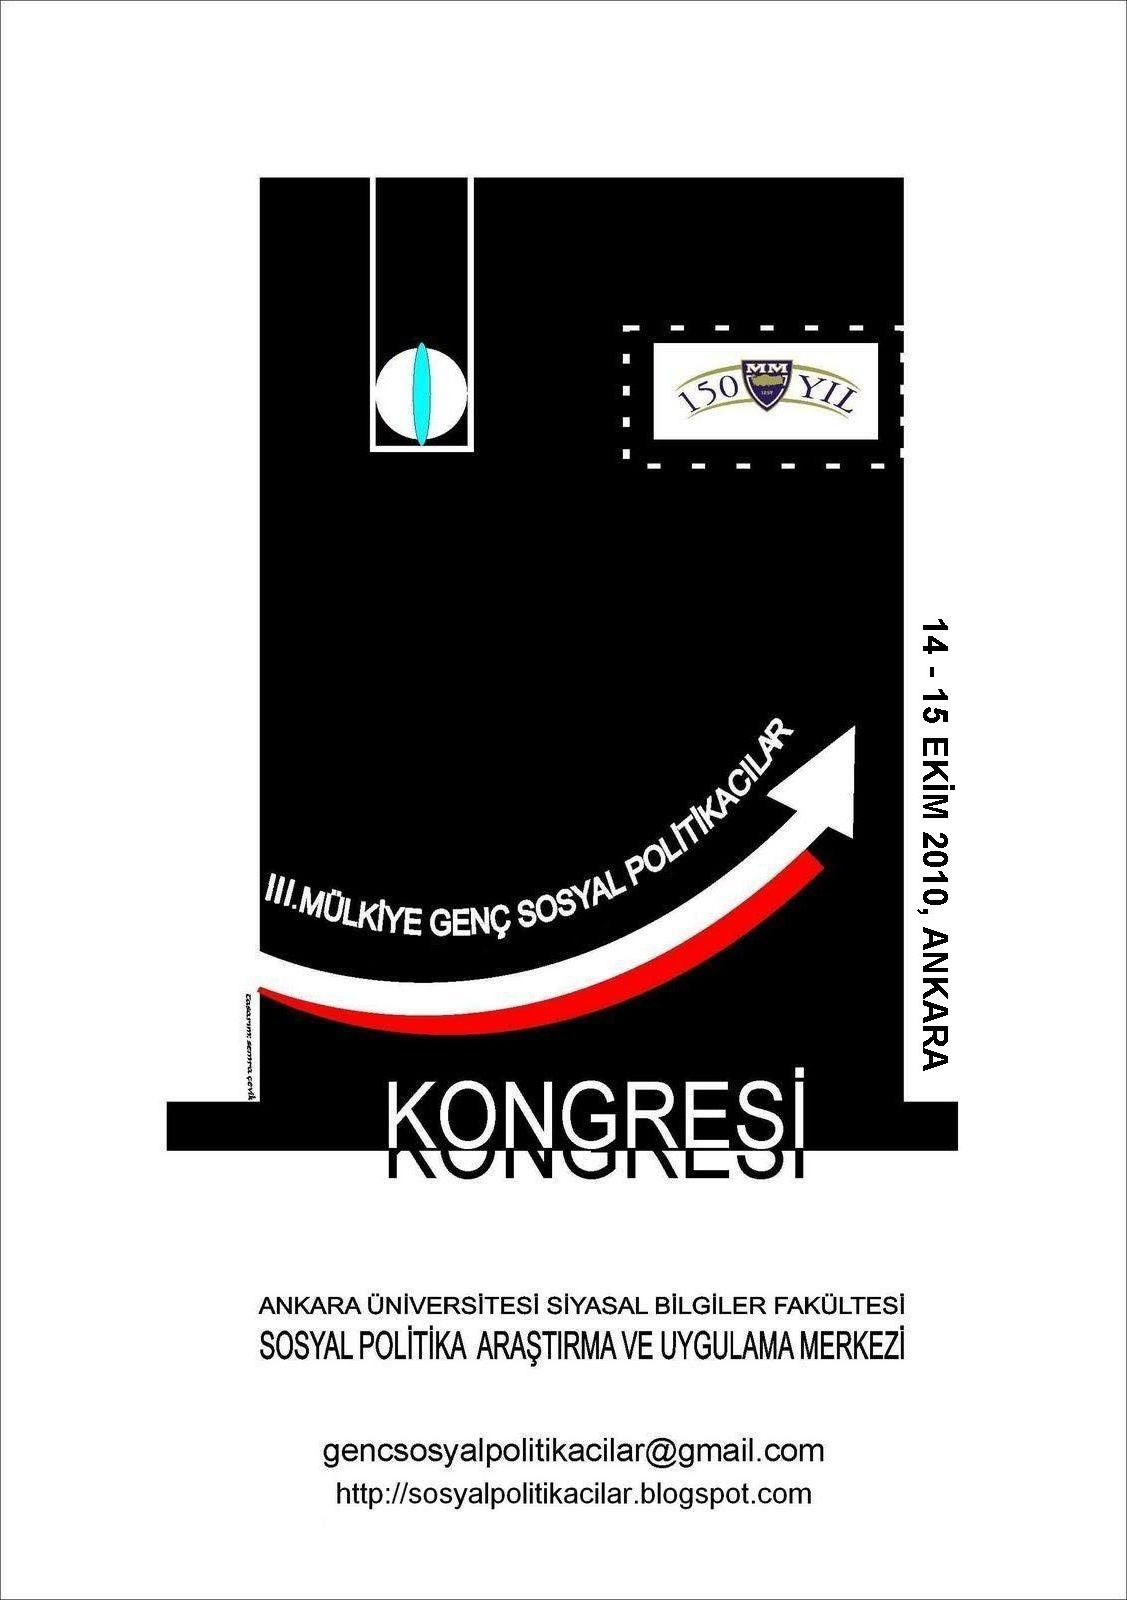 Iii mülkiye genç sosyal politikacılar kongresi afişi